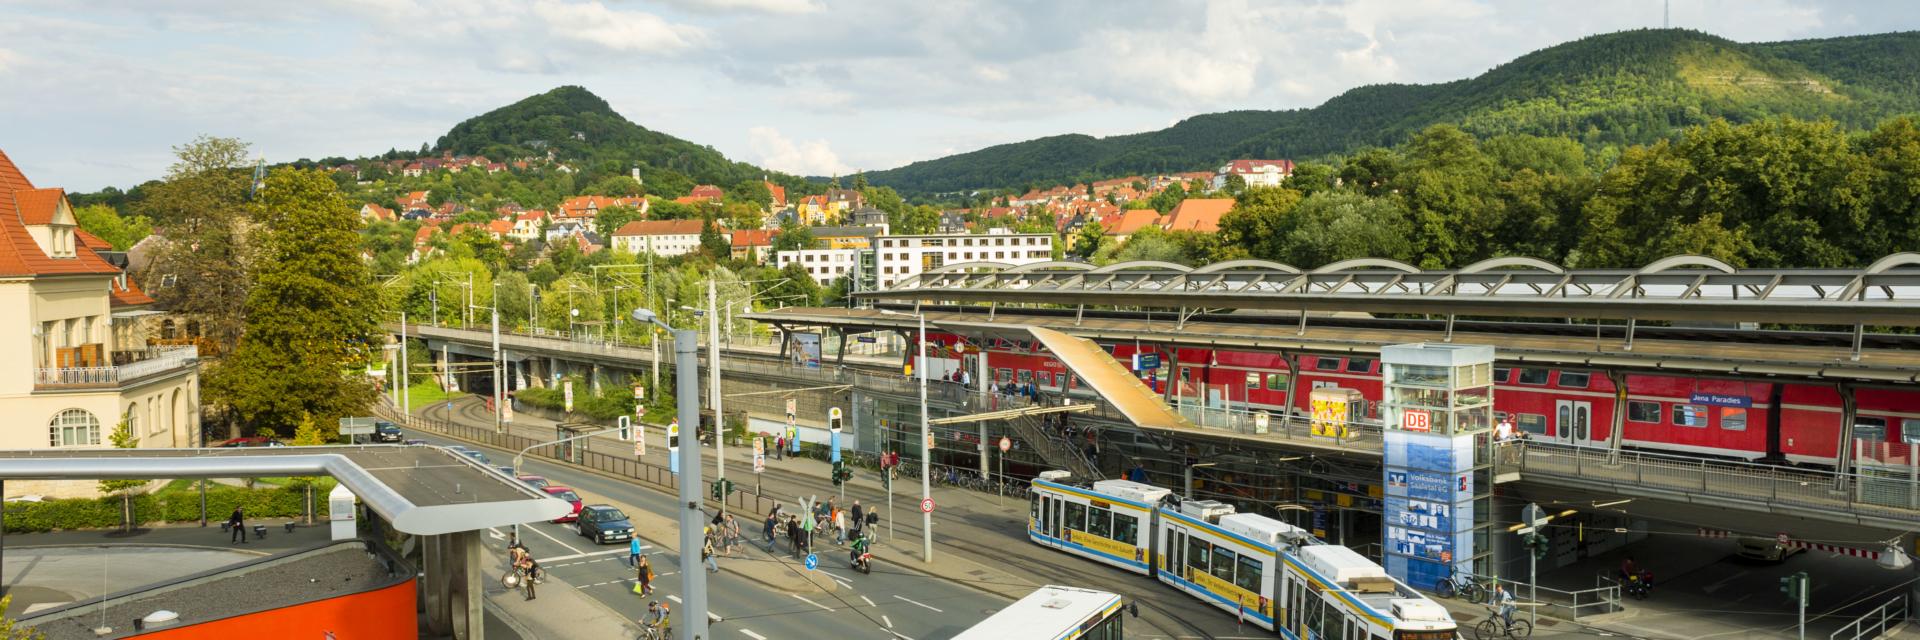 Blick auf Kreuzung vom Paradies- und Busbahnhof mit Fahrzeugen des ÖPNV